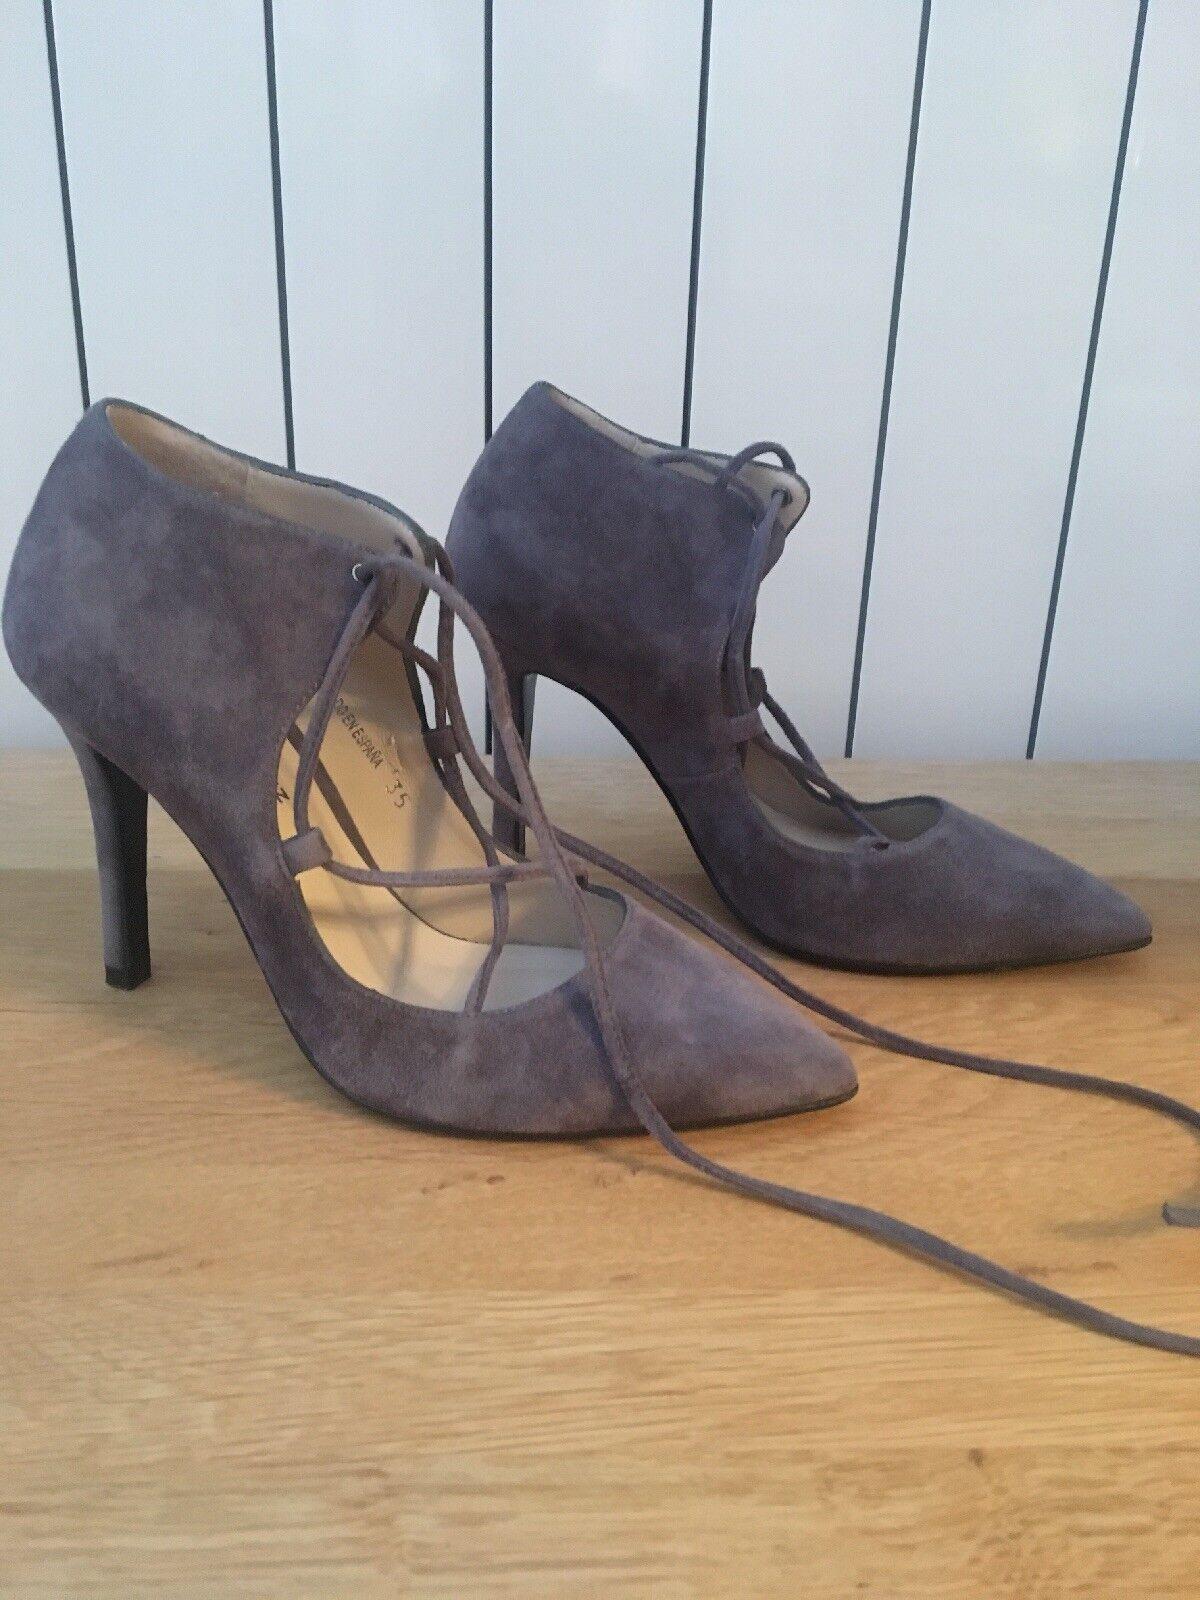 Gloria Ortiz Grau Suede Lace Schuhe Boot - Small Schuhe Größe 2